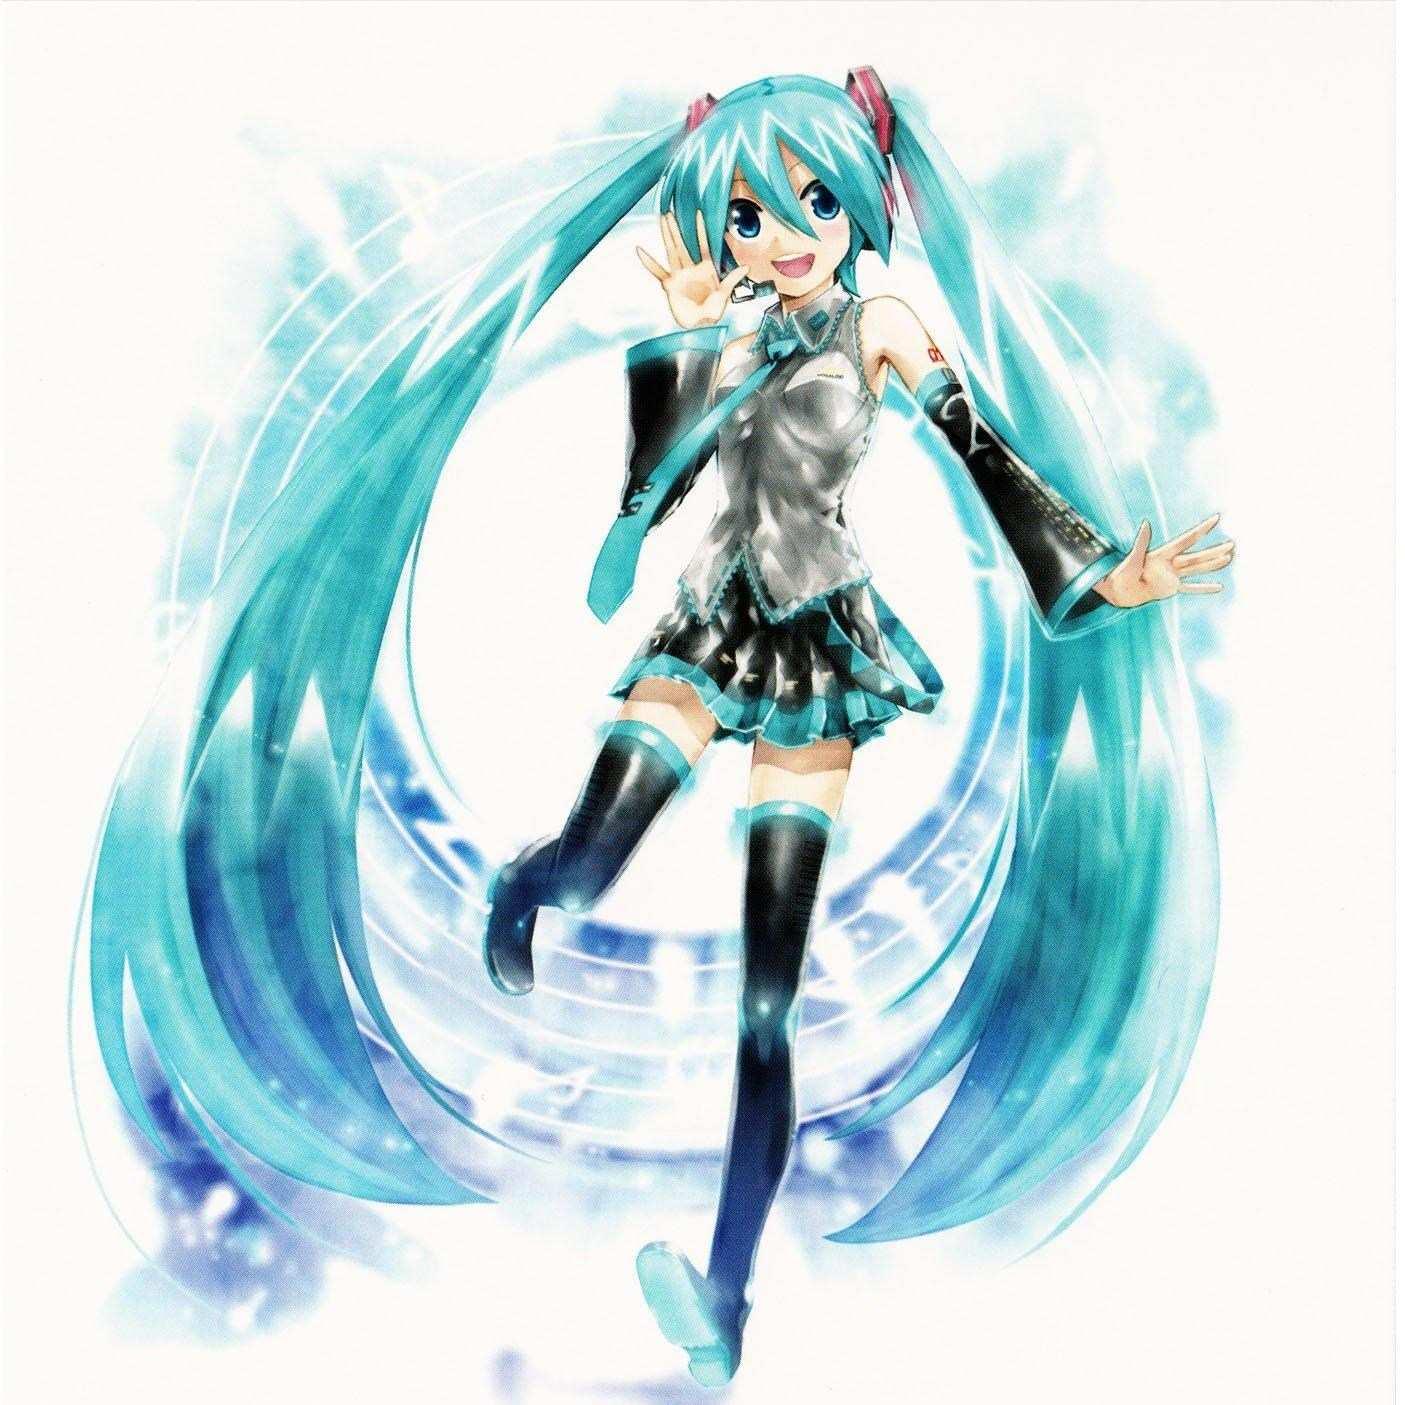 29+ Download Miku 2d Anime Live Wallpaper - Sachi Wallpaper